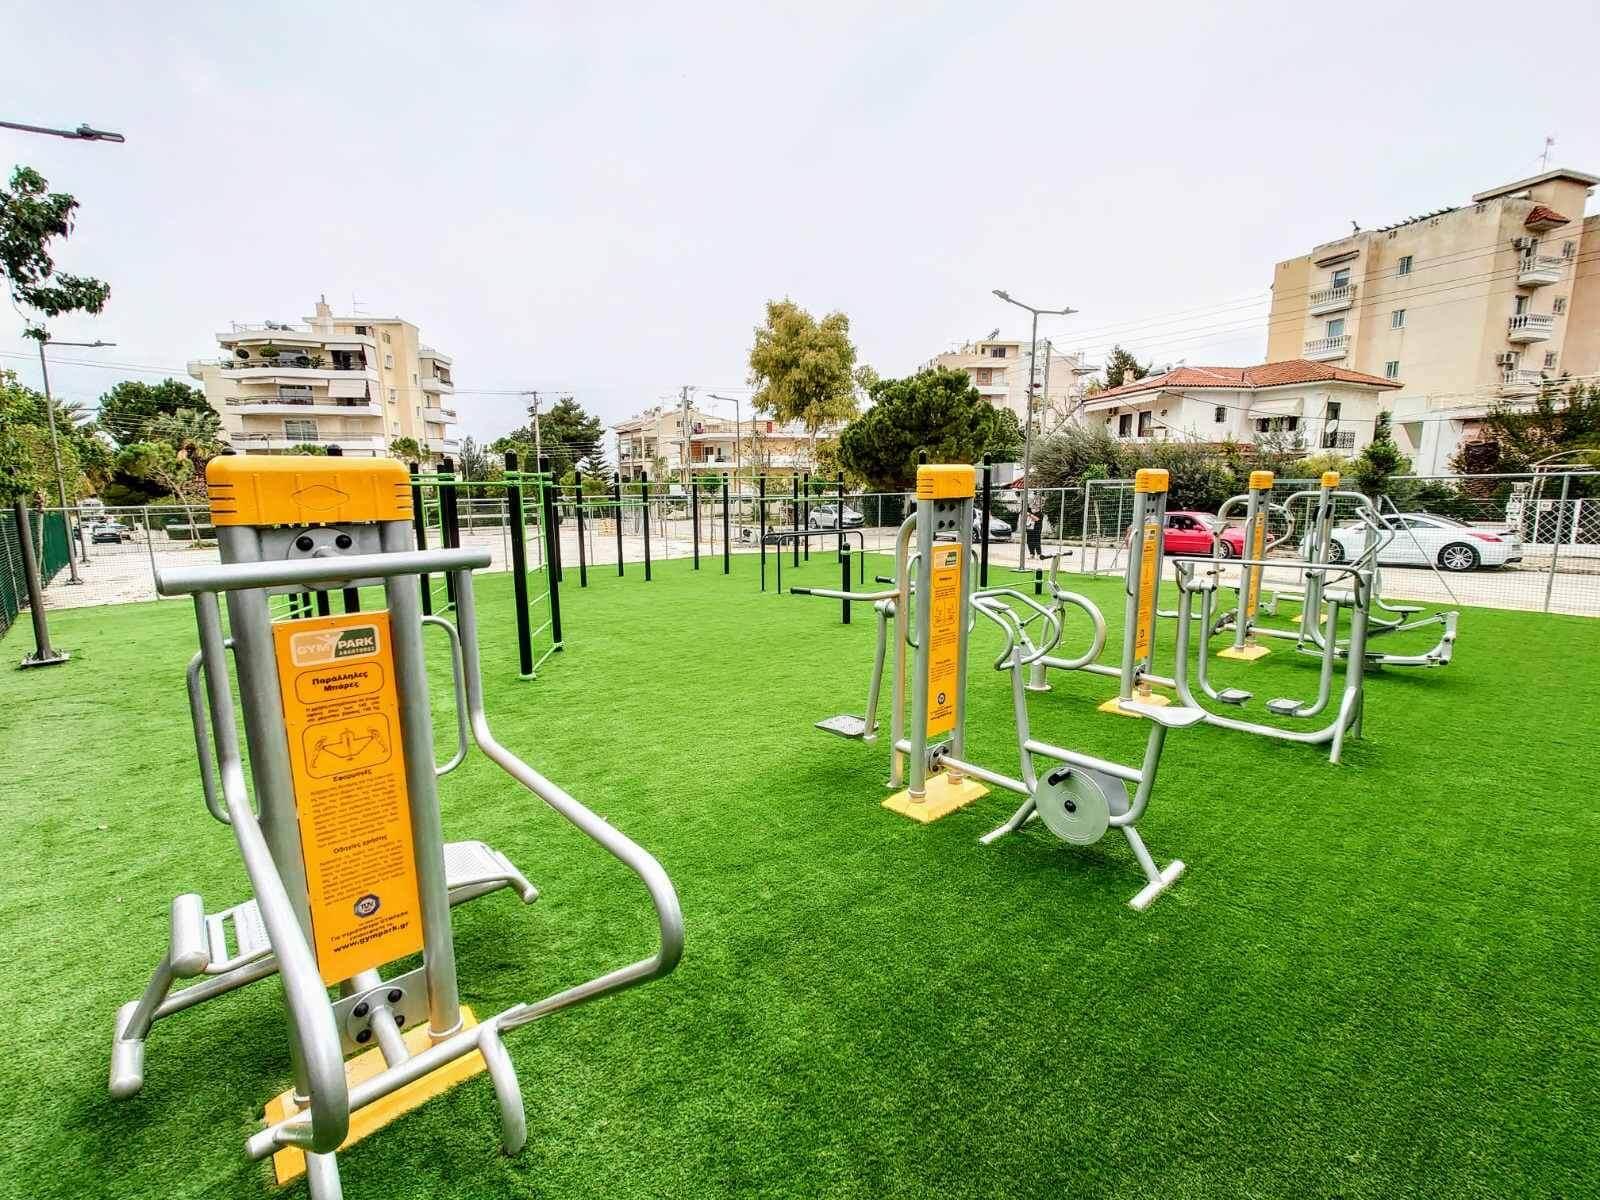 Καινούργιο υπαίθριο γυμναστήριο στην Άνω Γλυφάδα